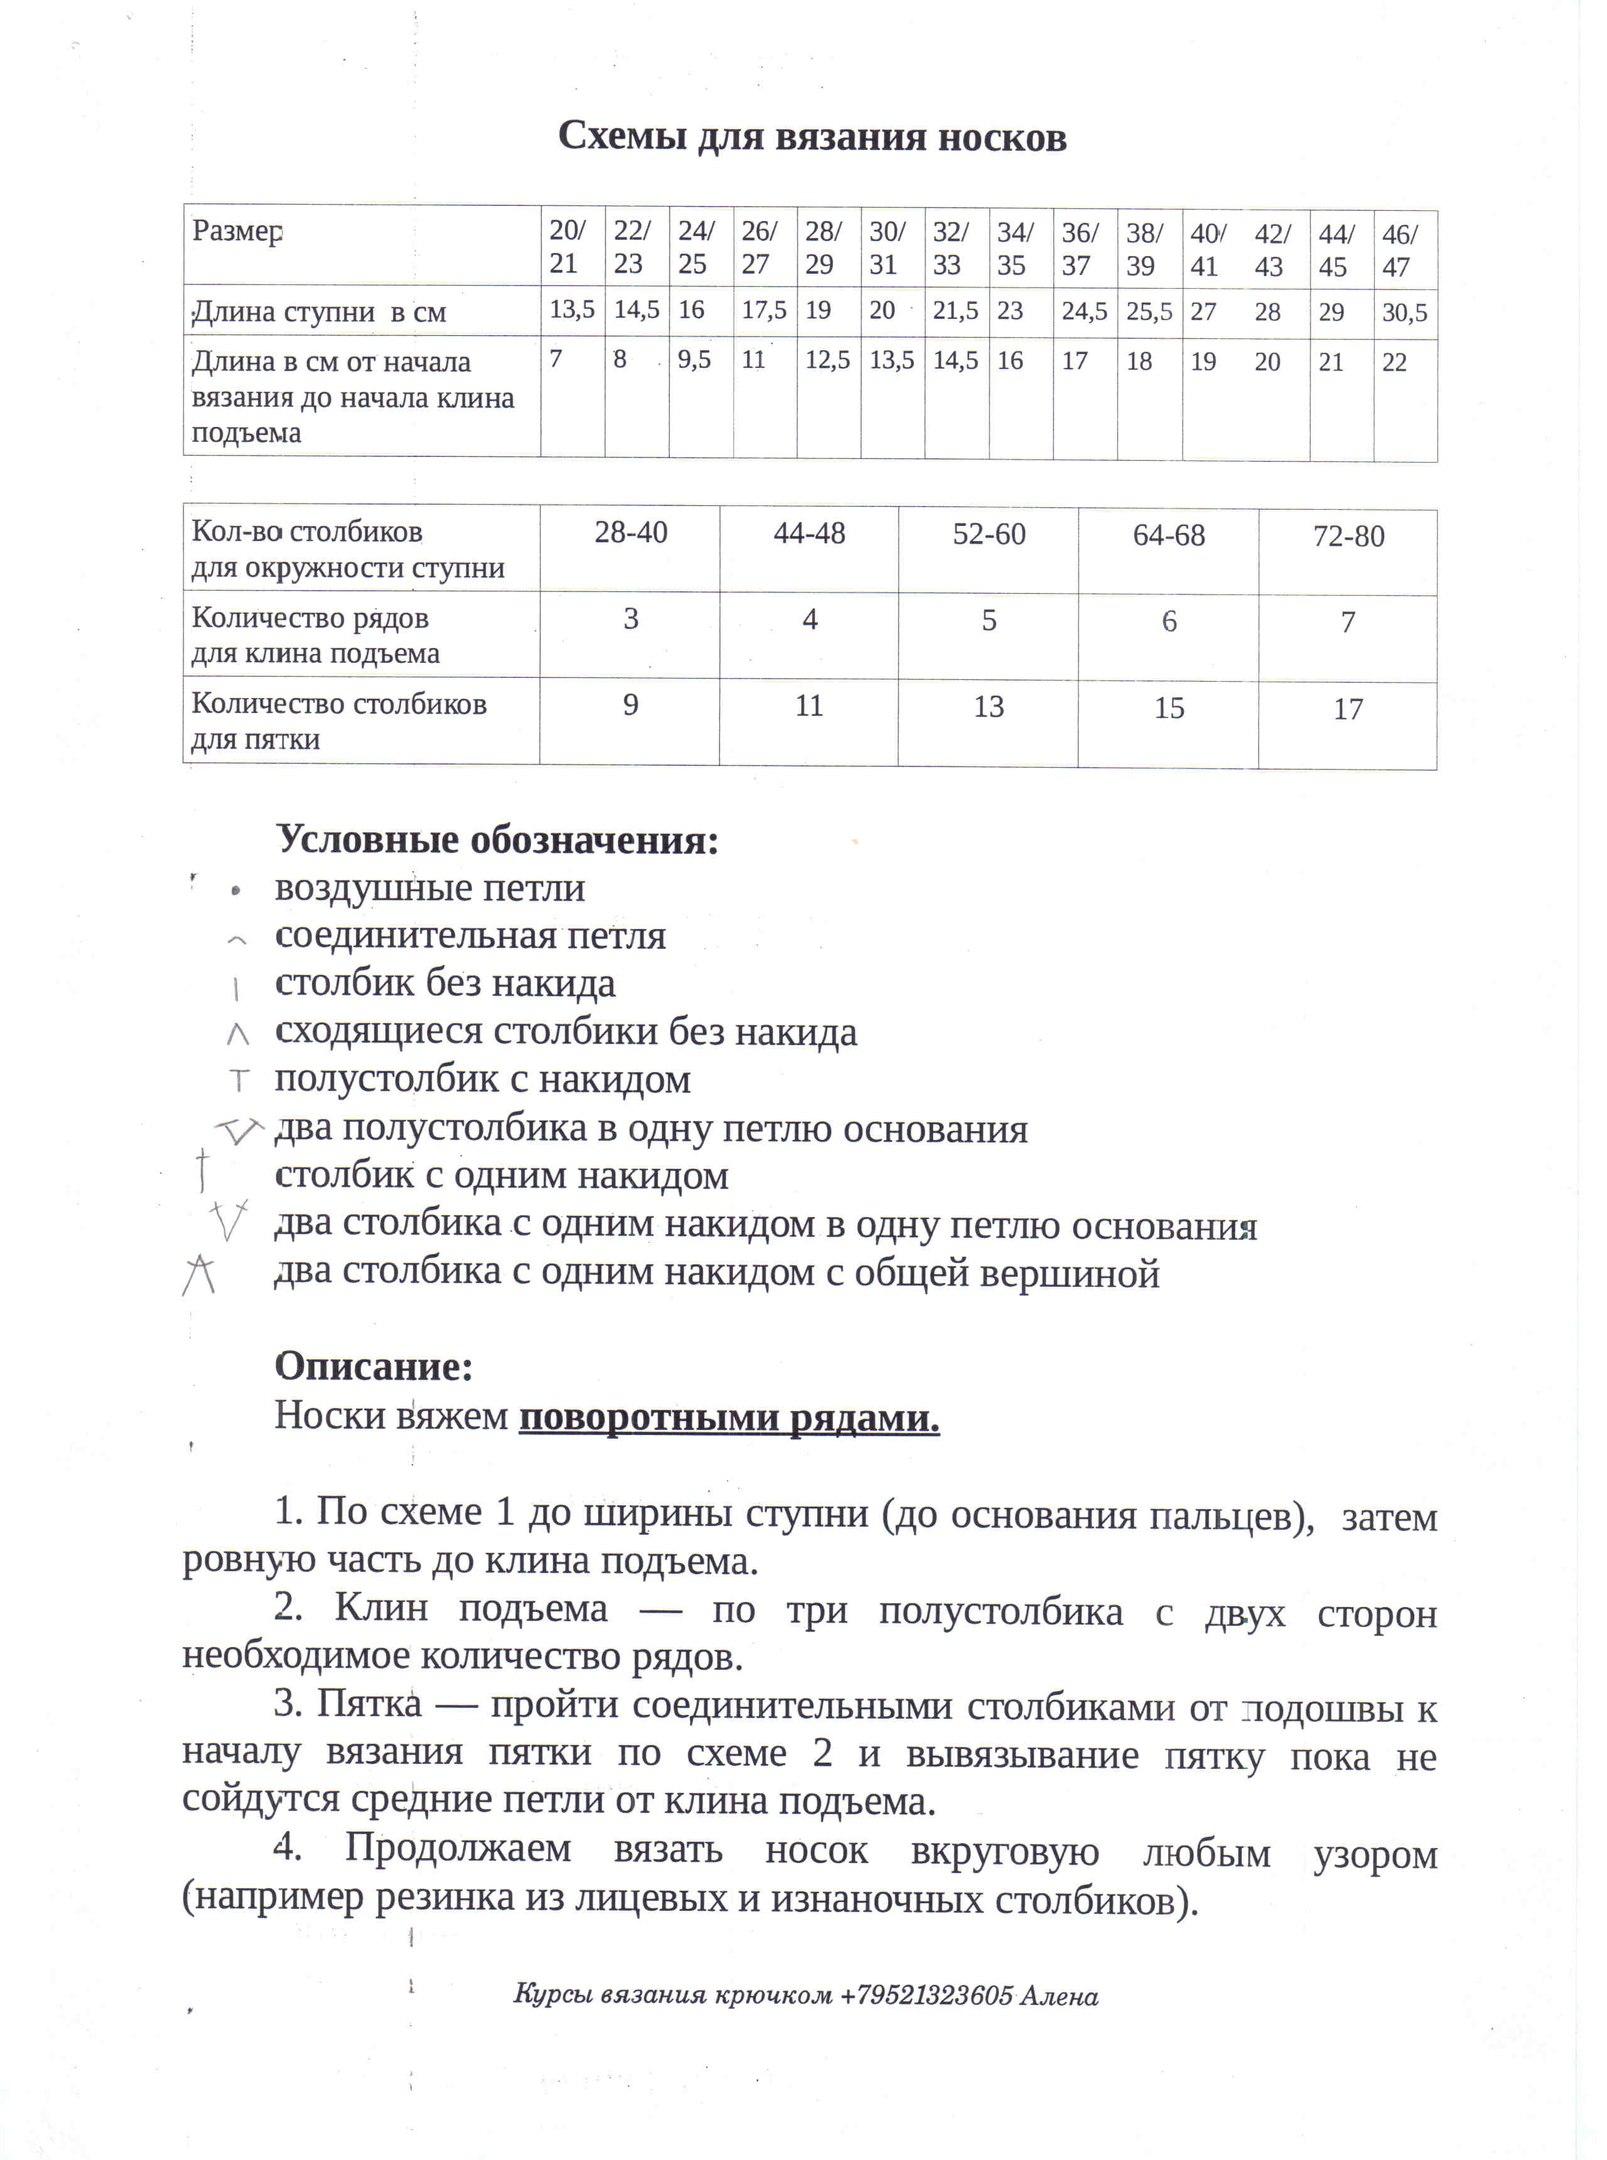 https://pp.vk.me/c639430/v639430359/ed1e/mOhO6d_QQyI.jpg